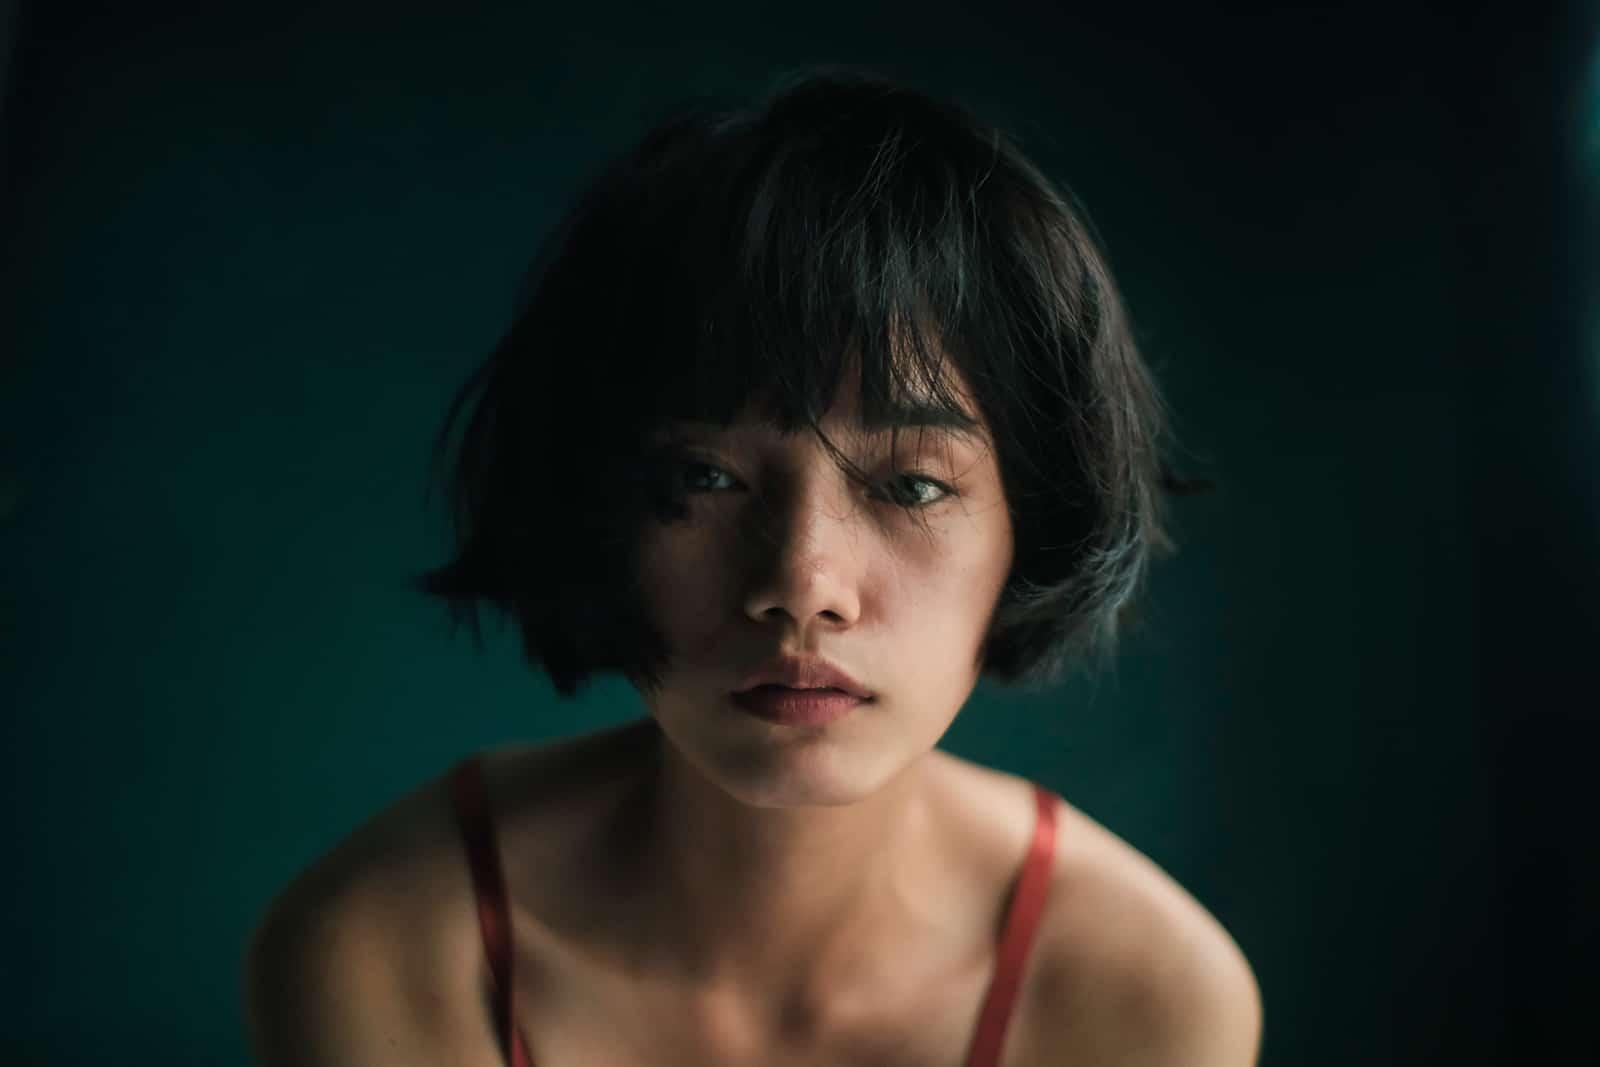 nachdenkliche Frau mit einem Bob-Haarschnitt, der nahe einer grünen Wand steht